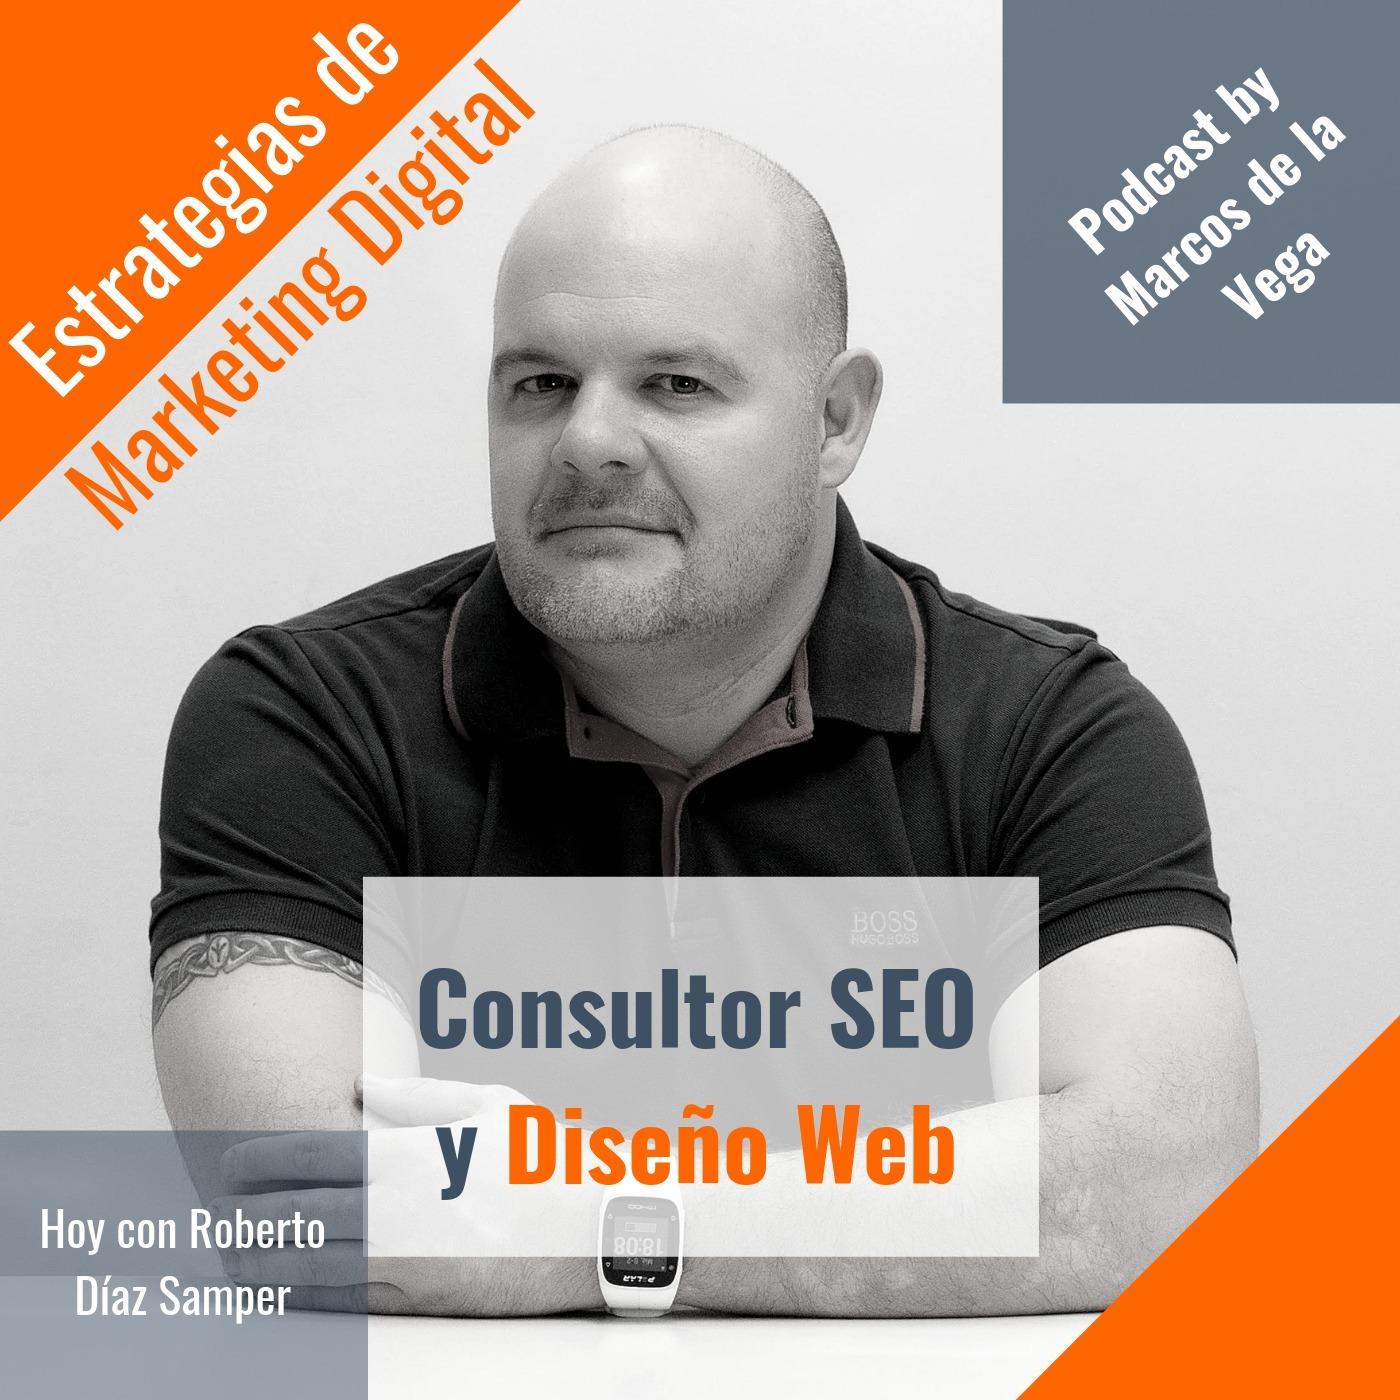 Episodio 9 - Consultor SEO y diseño web con Roberto Díaz